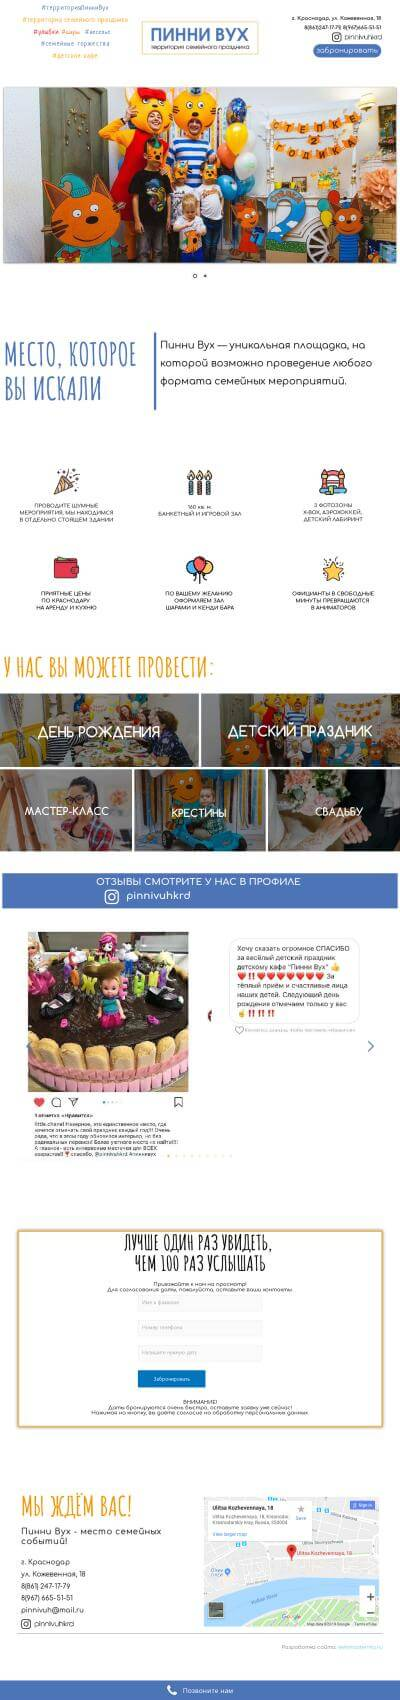 Разработка сайта для детского кафе